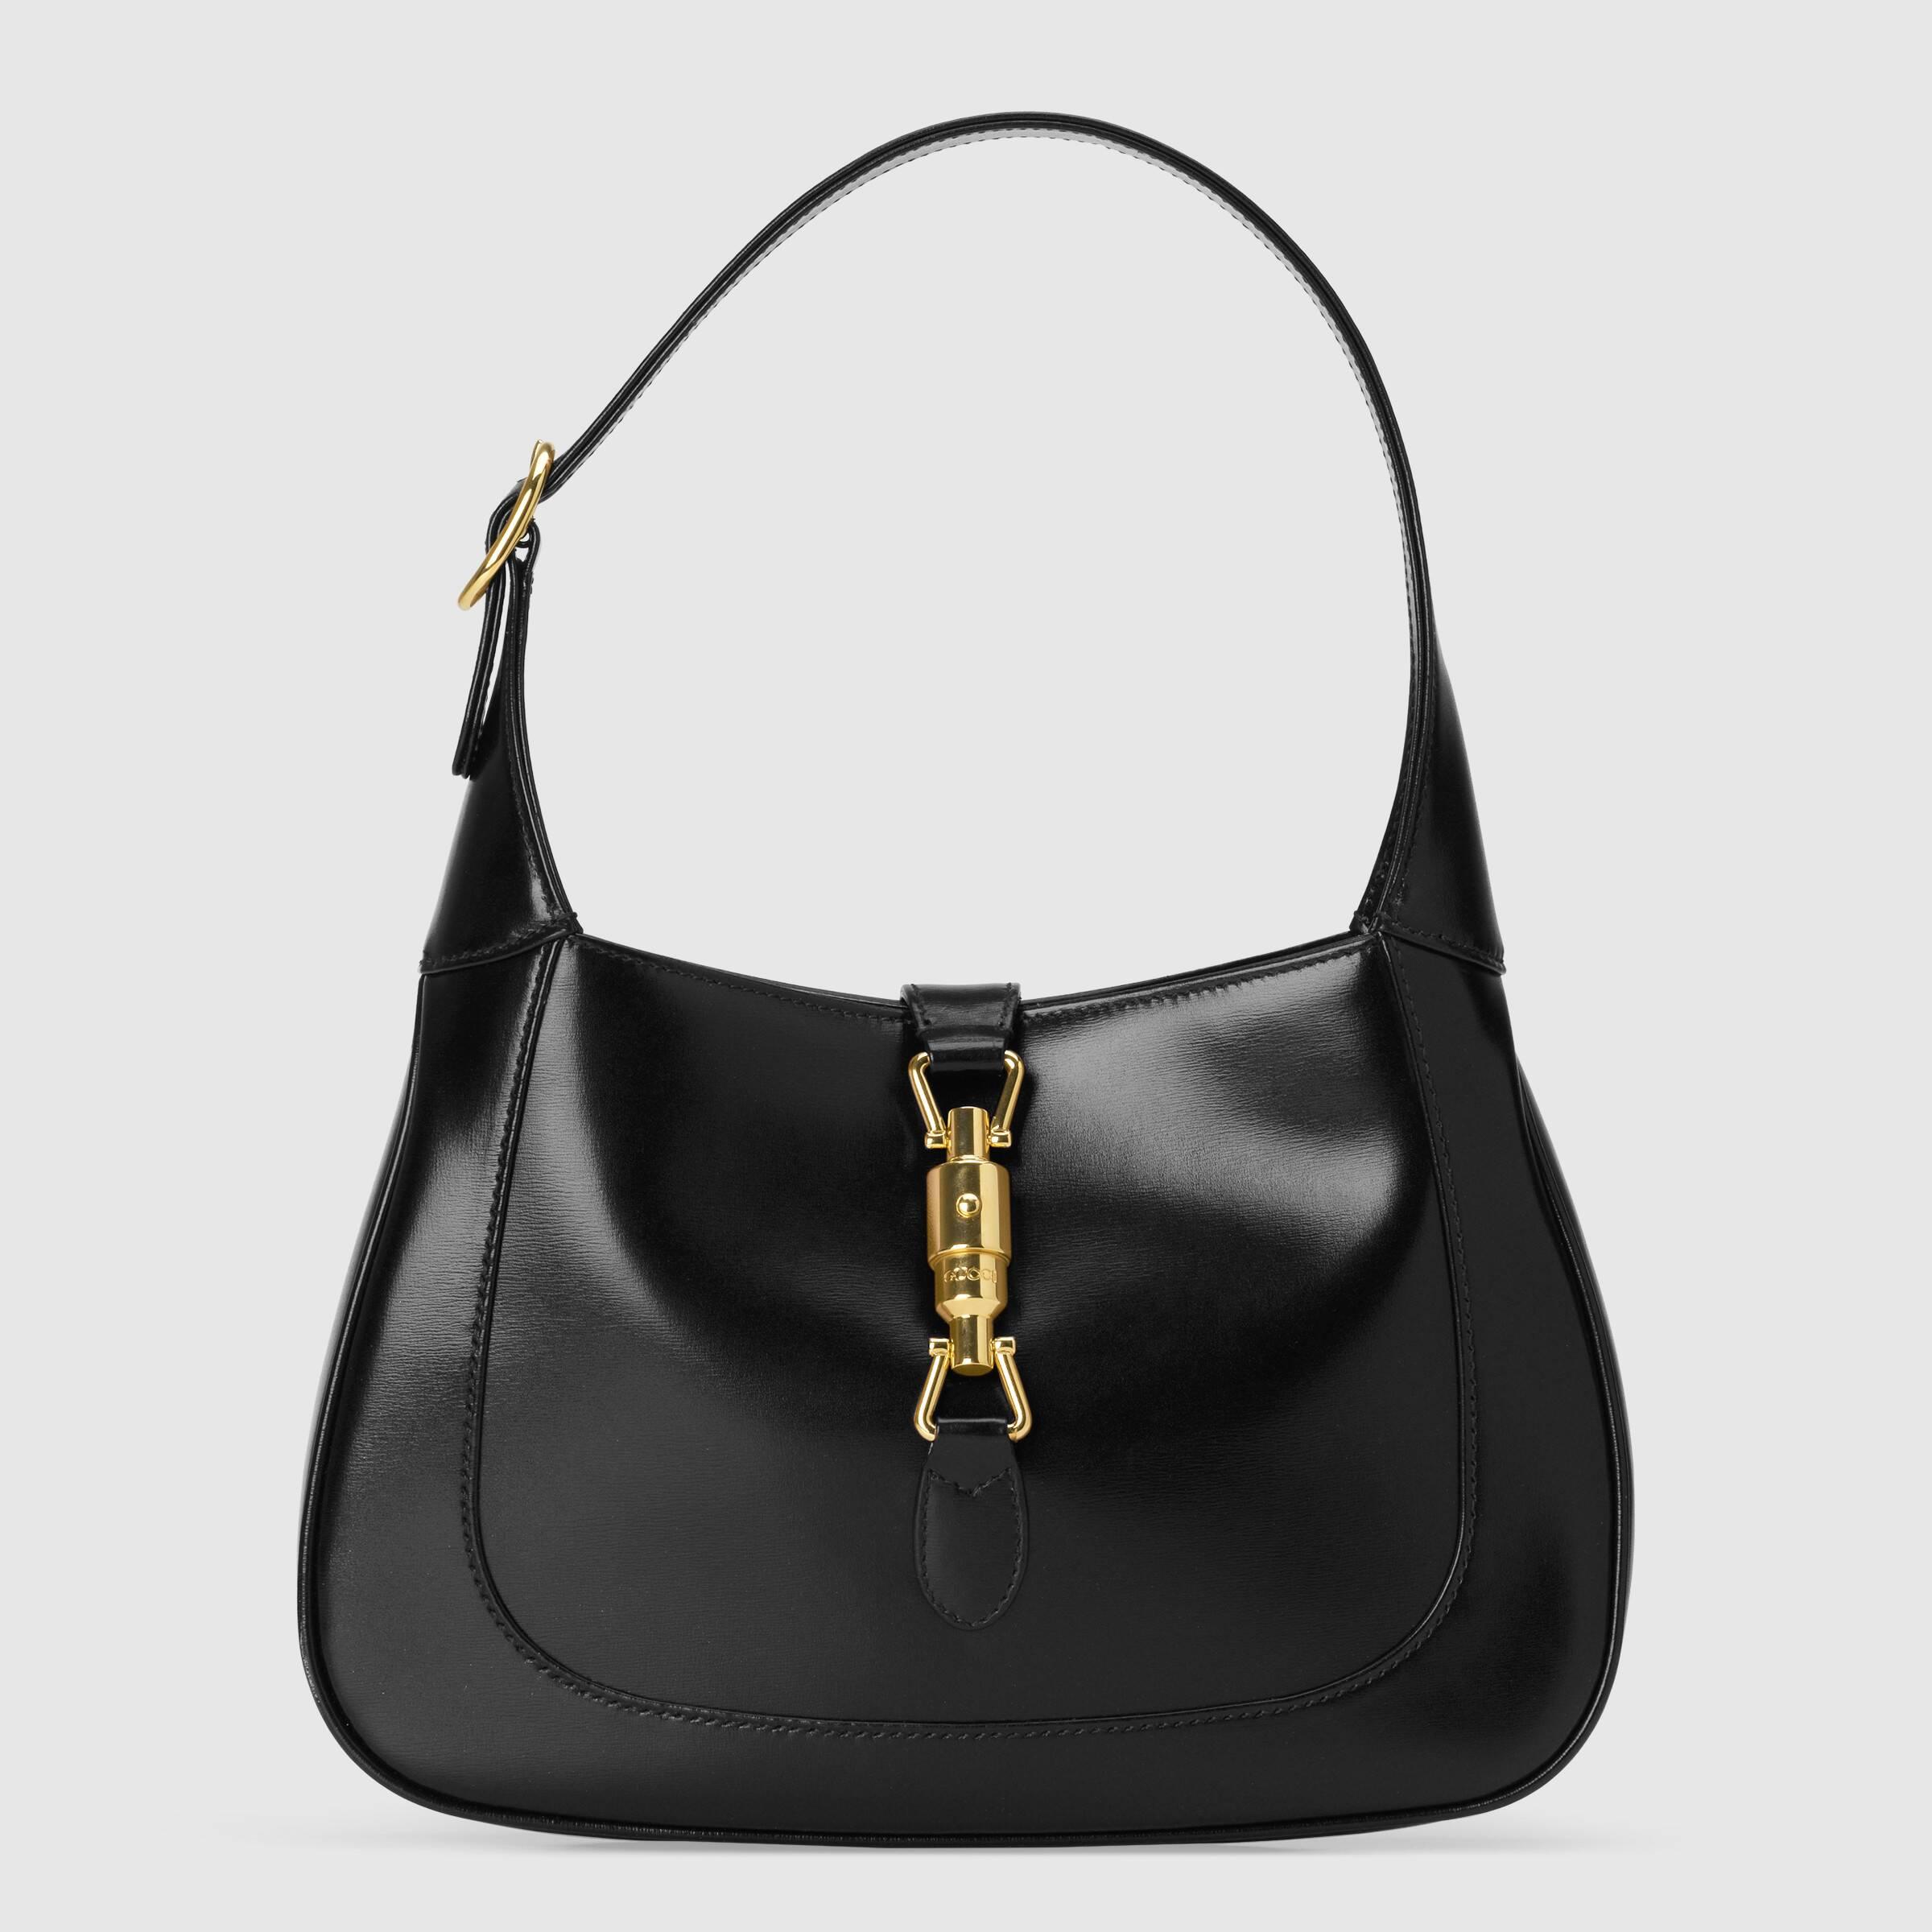 Foto da bolsa modelo Jackie 1961, da Gucci, que foi usada por Harry Styles em campanha da marca. A bolsa é preta de couro, tem alça curta, formato arredondado e um fecho dourado na frente. O fundo da foto é liso com tom acizentado.